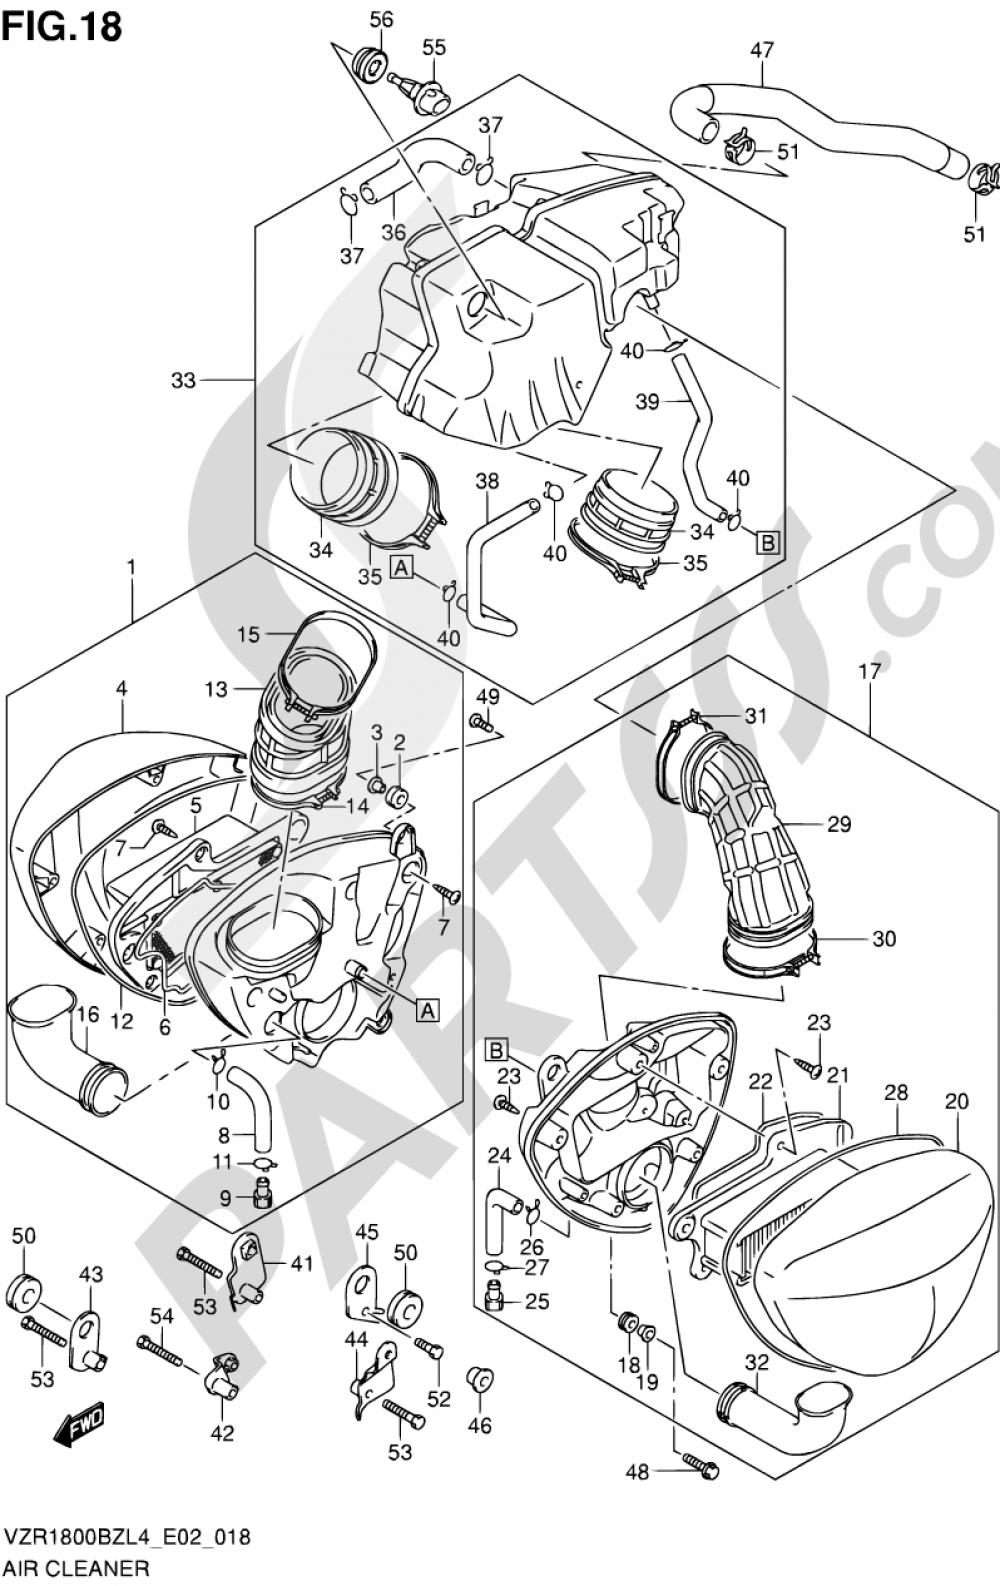 18 - AIR CLEANER (VZR1800BZUFL4 E19) Suzuki VZR1800BZ 2014